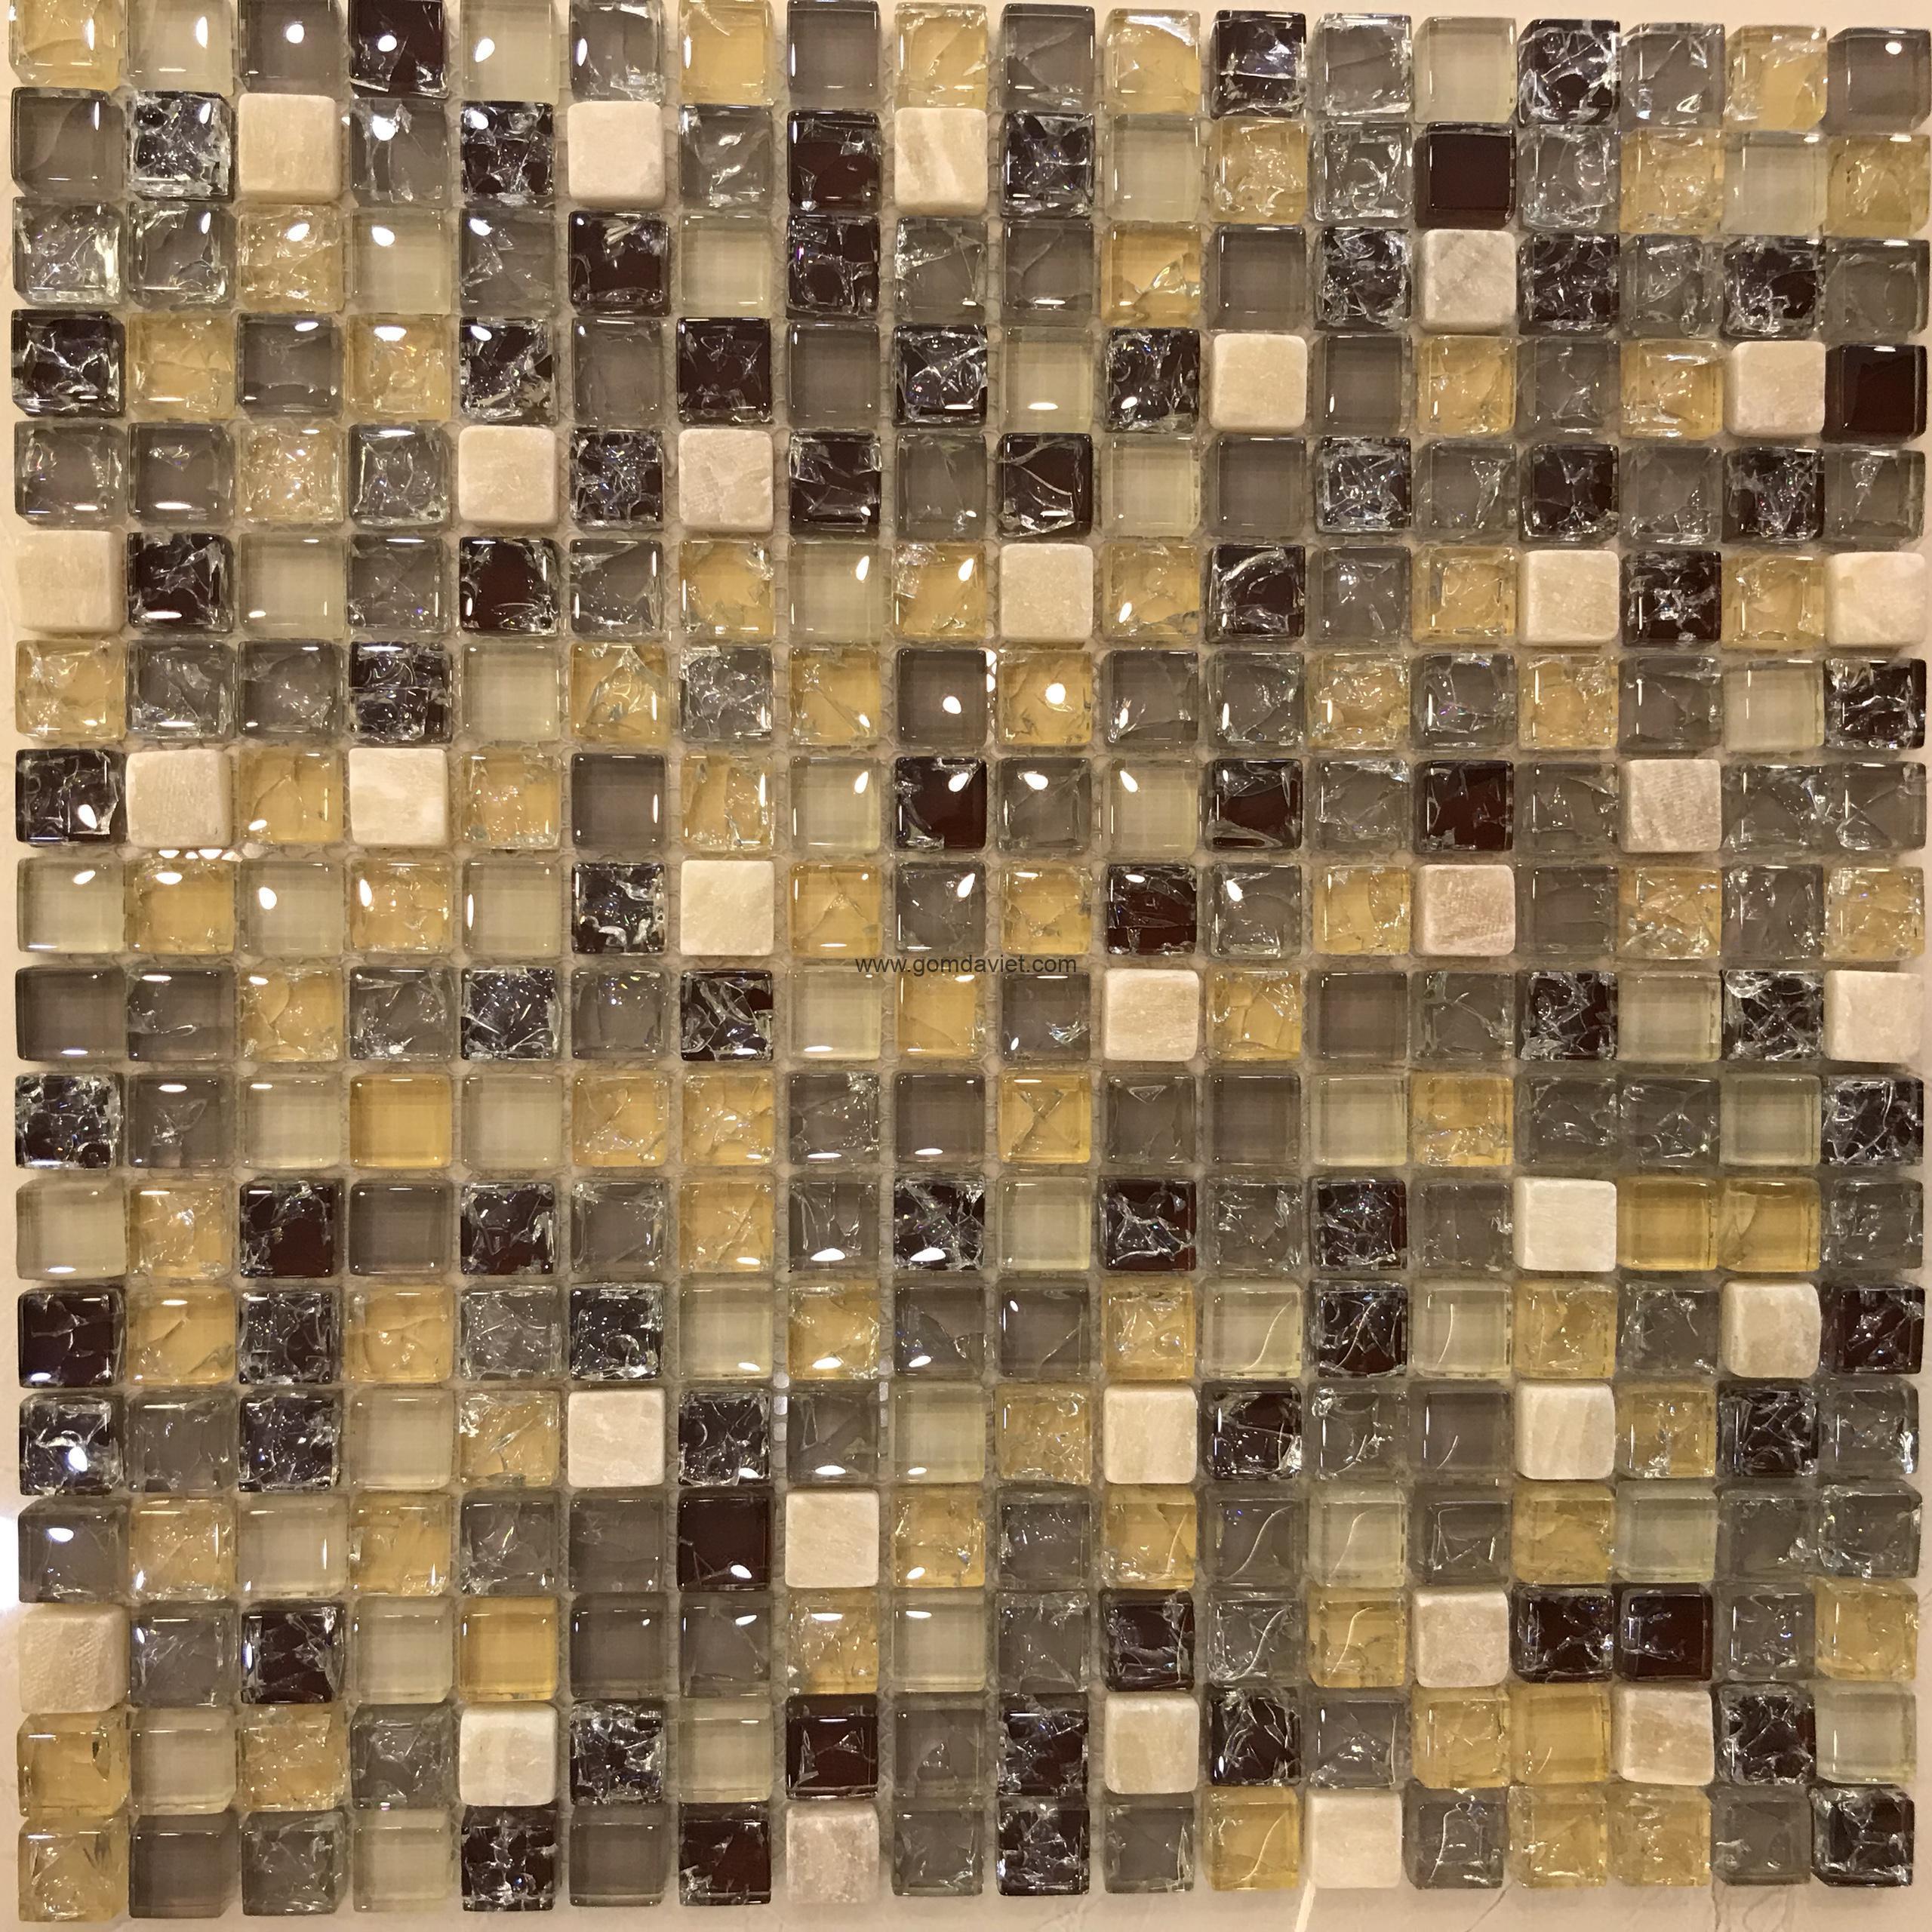 Gạch mosaic thủy tinh ứng dụng trong trang trí nhà đẹp